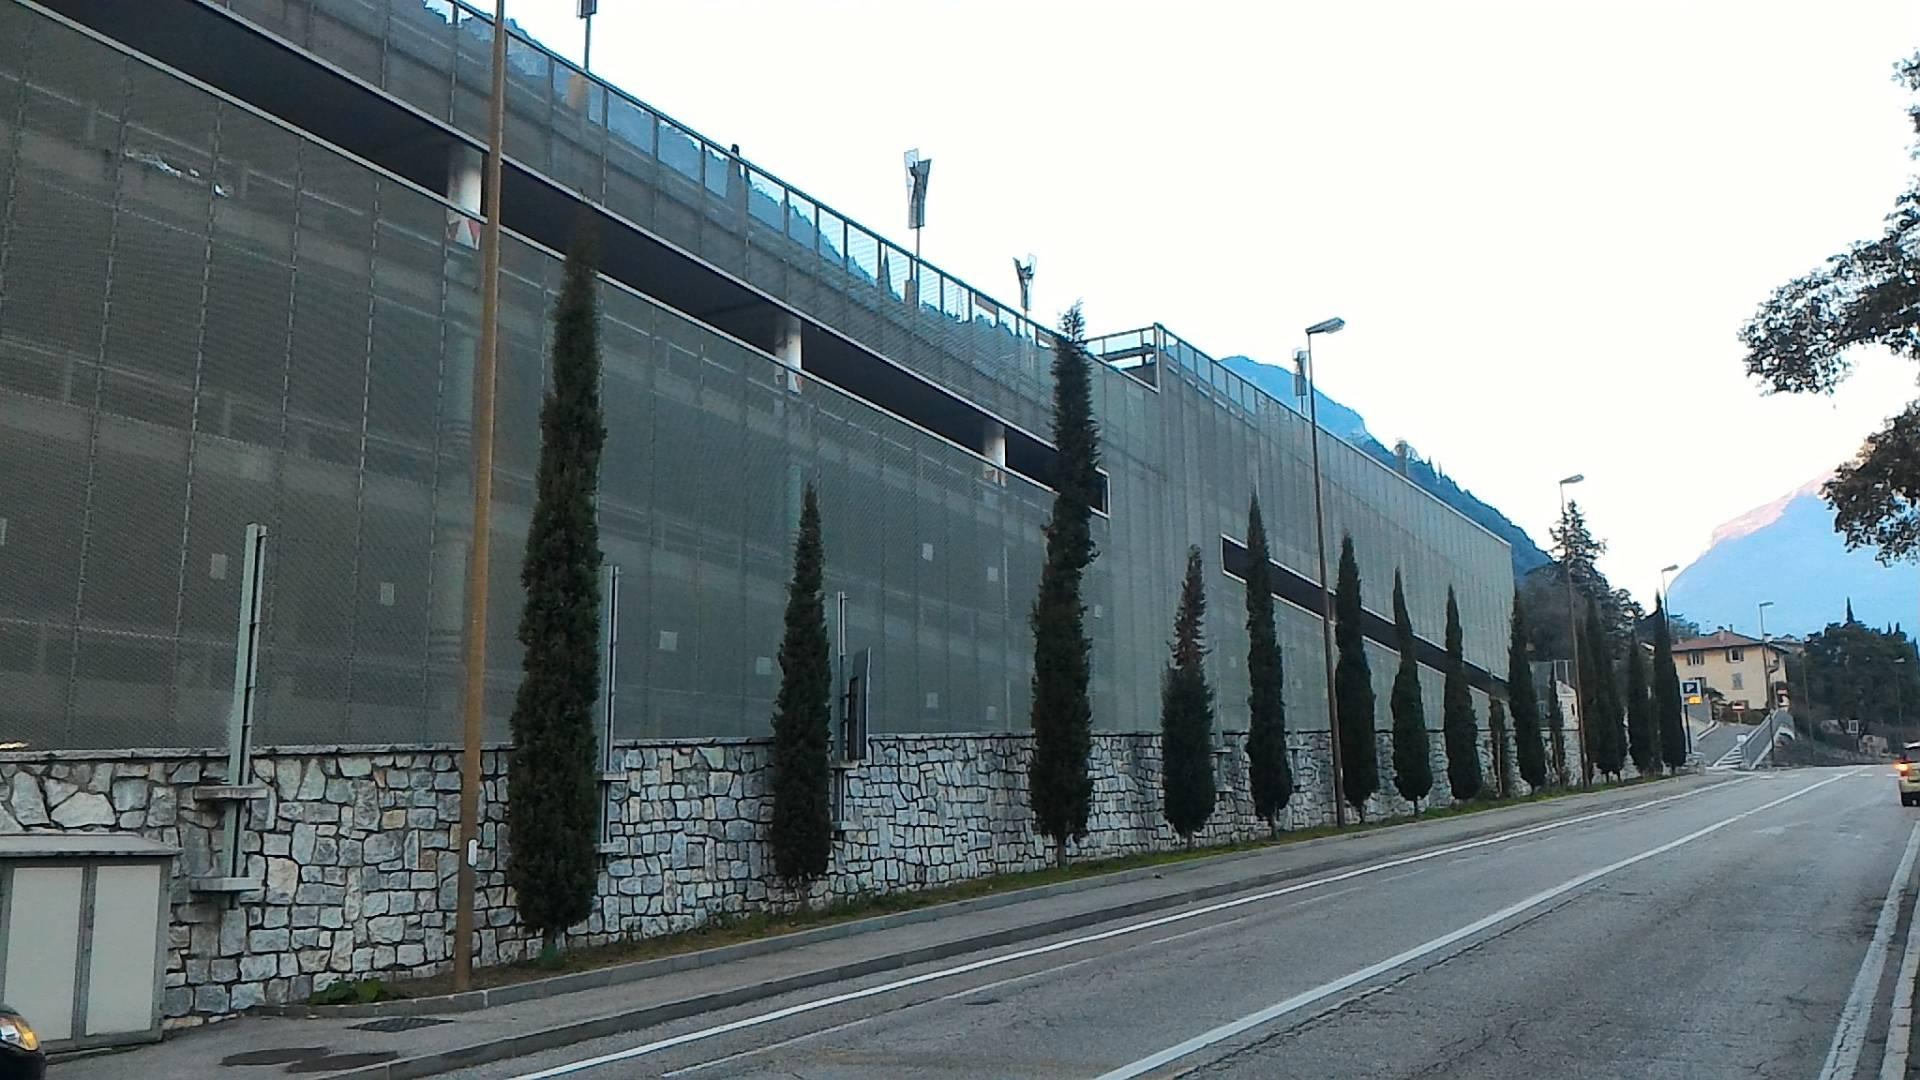 Appartamento in vendita a Riva del Garda, 1 locali, zona Zona: Riva, Trattative riservate   CambioCasa.it